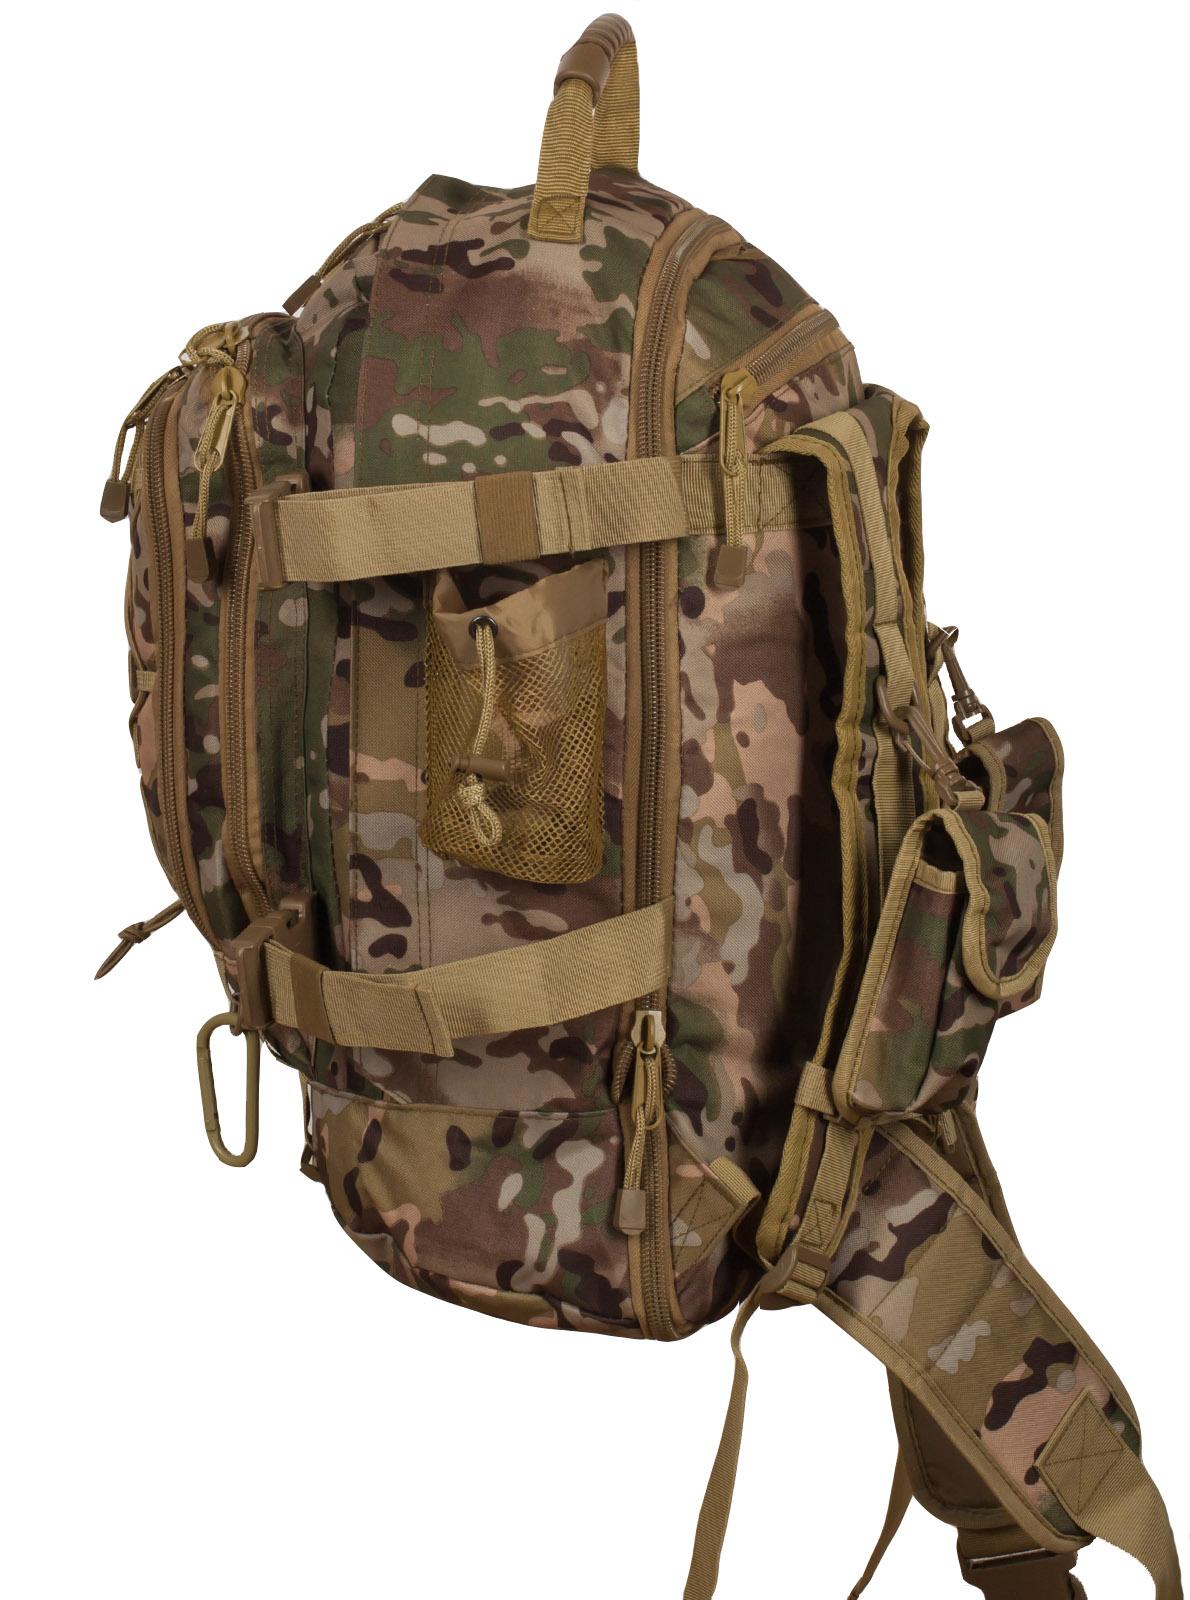 Армейский камуфляжный рюкзак  с нашивкой ПС - заказать в подарок